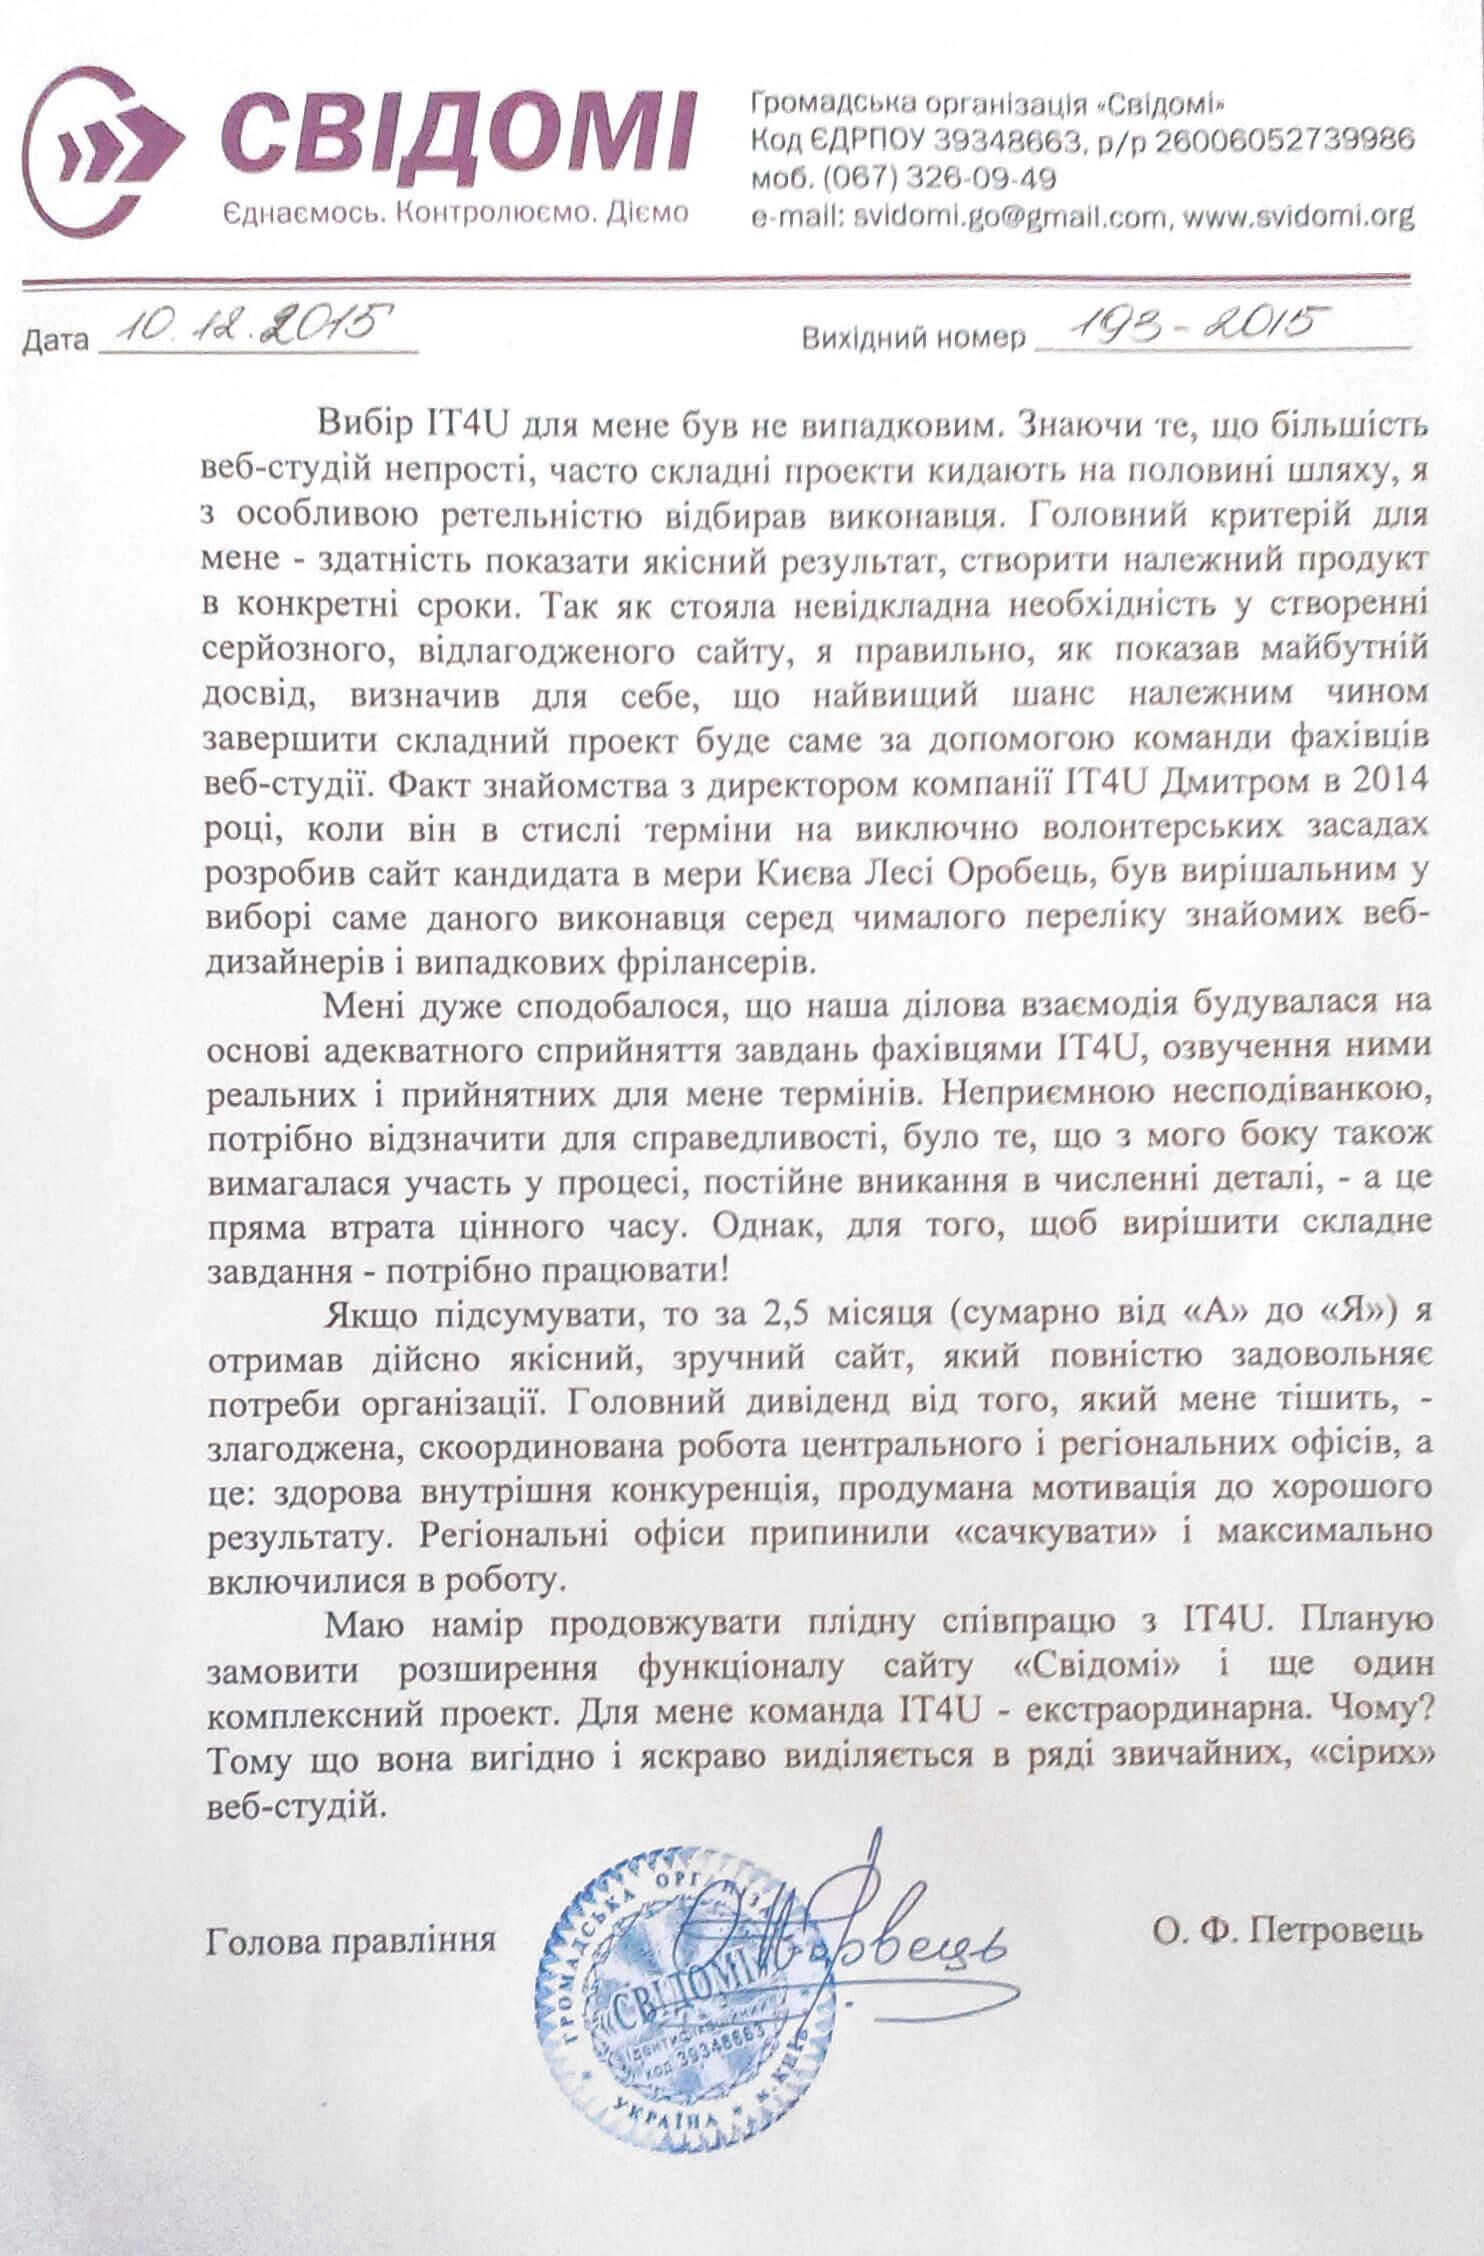 Відгук Олега Петровца про роботу з веб студією IT4U